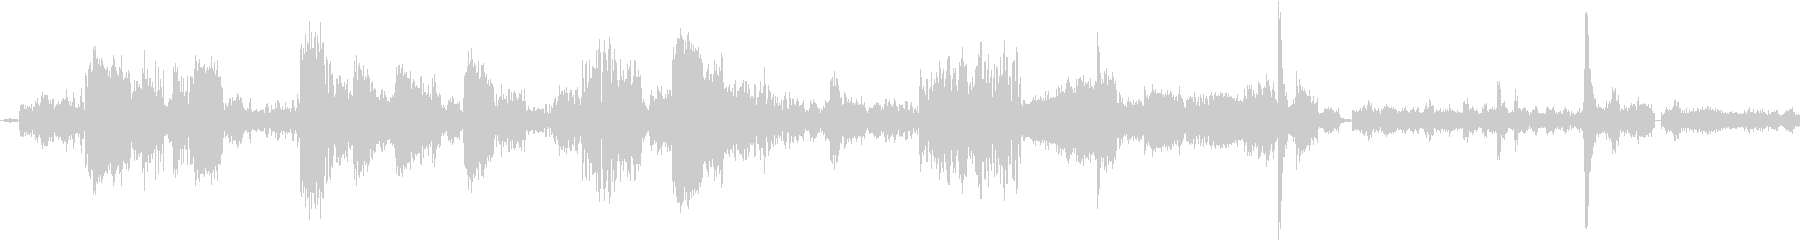 電子テレメトリ:データの完全性、通...の未再生の波形